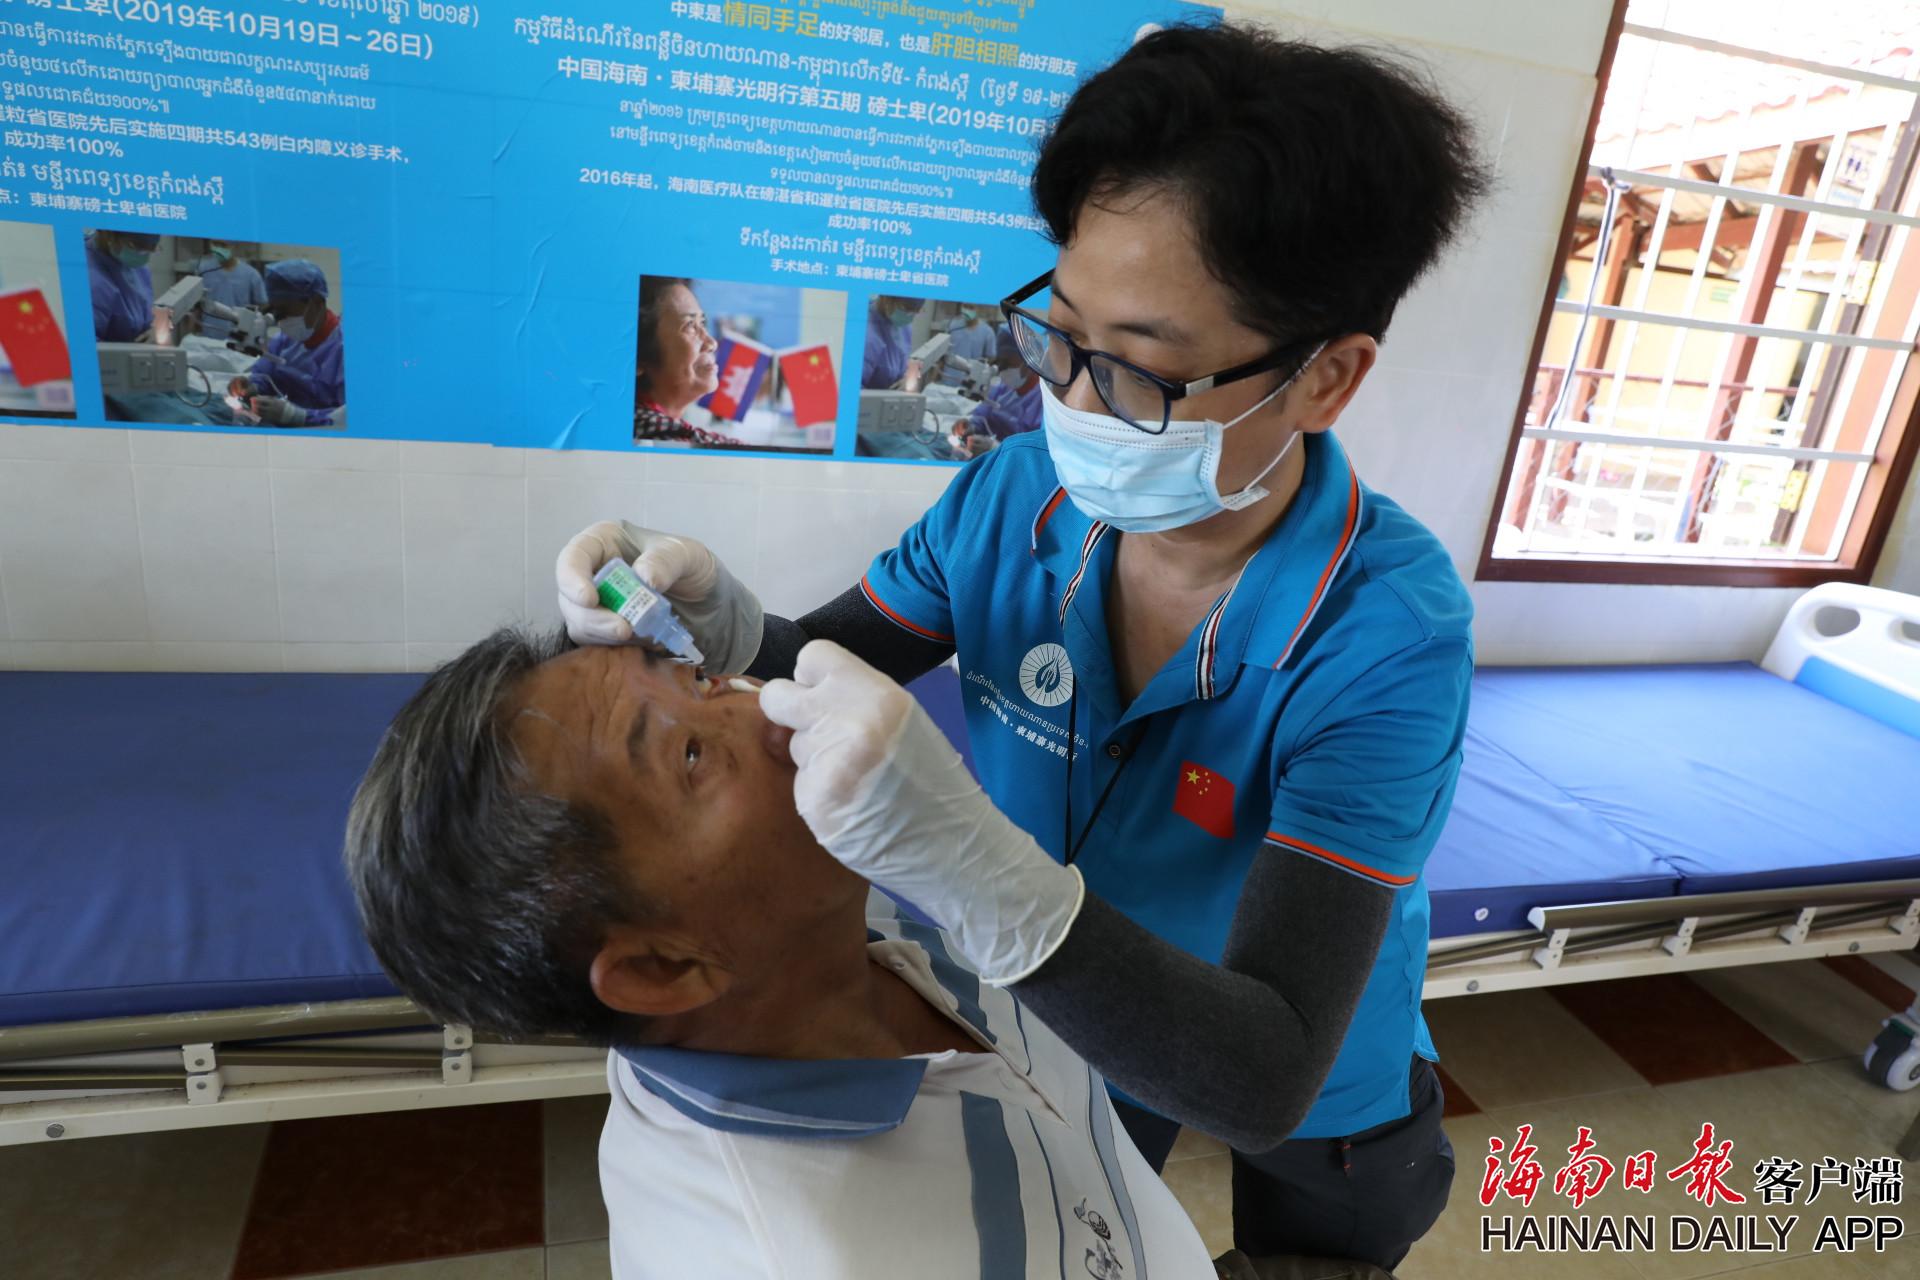 海南柬埔寨光明行:中柬两国志愿者用无私大爱缔结深厚友谊